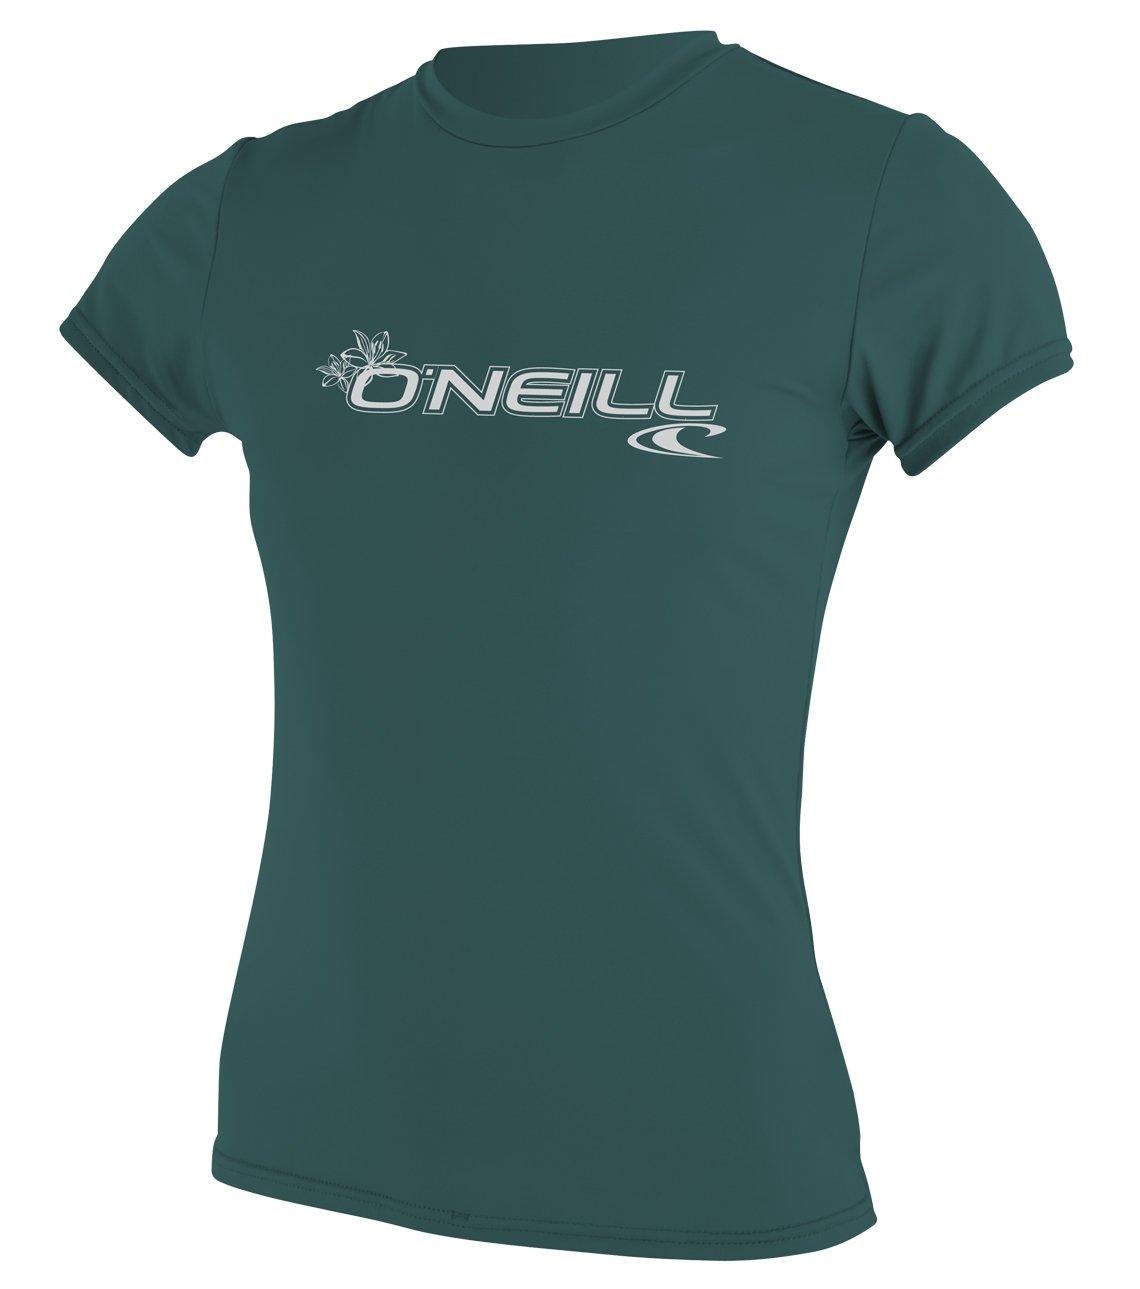 O'Neill Wetsuits Women's Basic Skins Upf 50+ Short Sleeve Sun Shirt, Deep Teal, X-Small